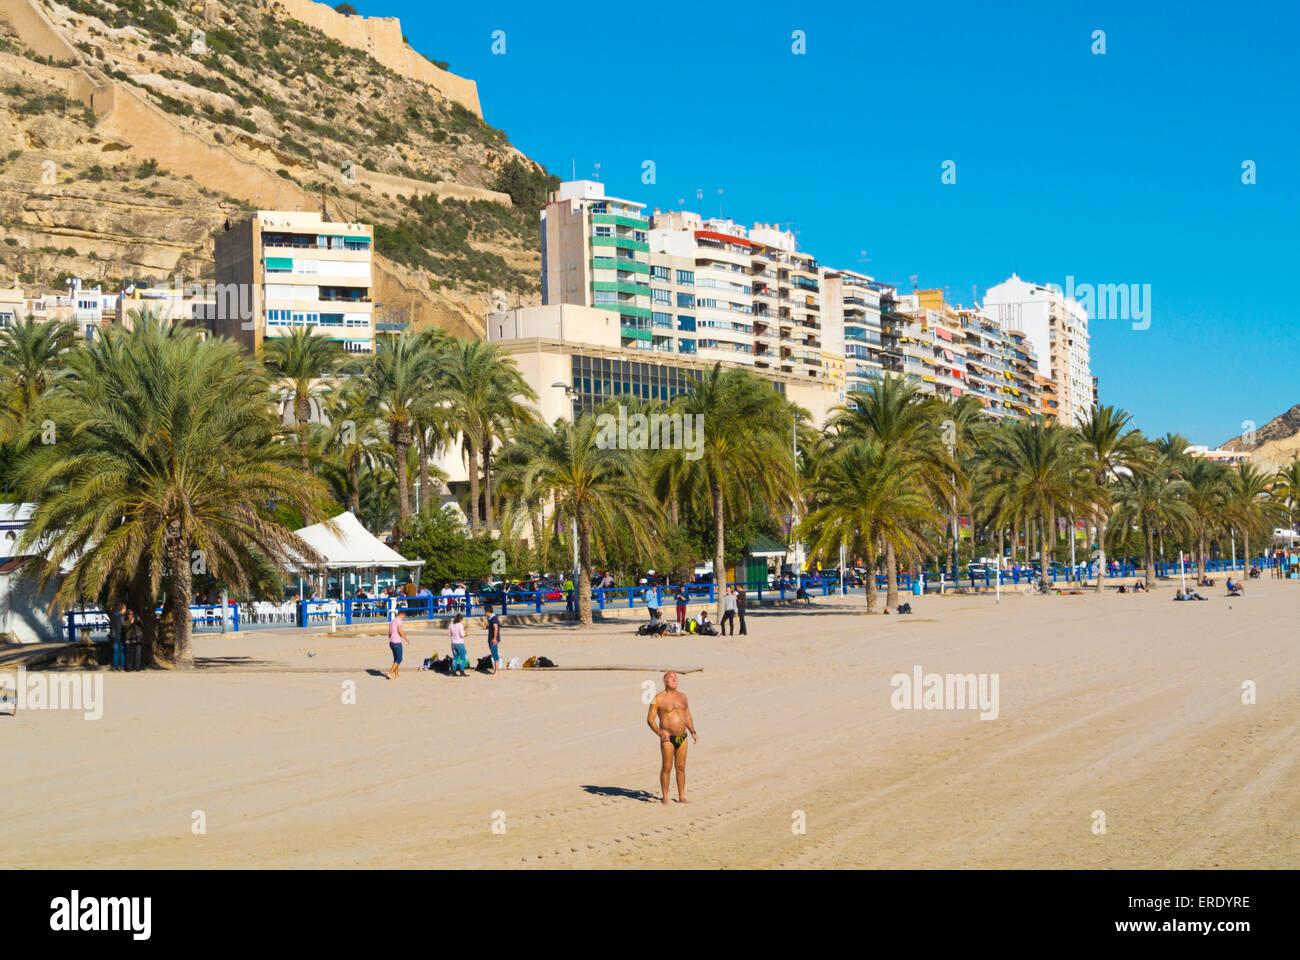 Playa del Postiguet, Alicante, Alacant, Costa Blanca, Spain - Stock Image